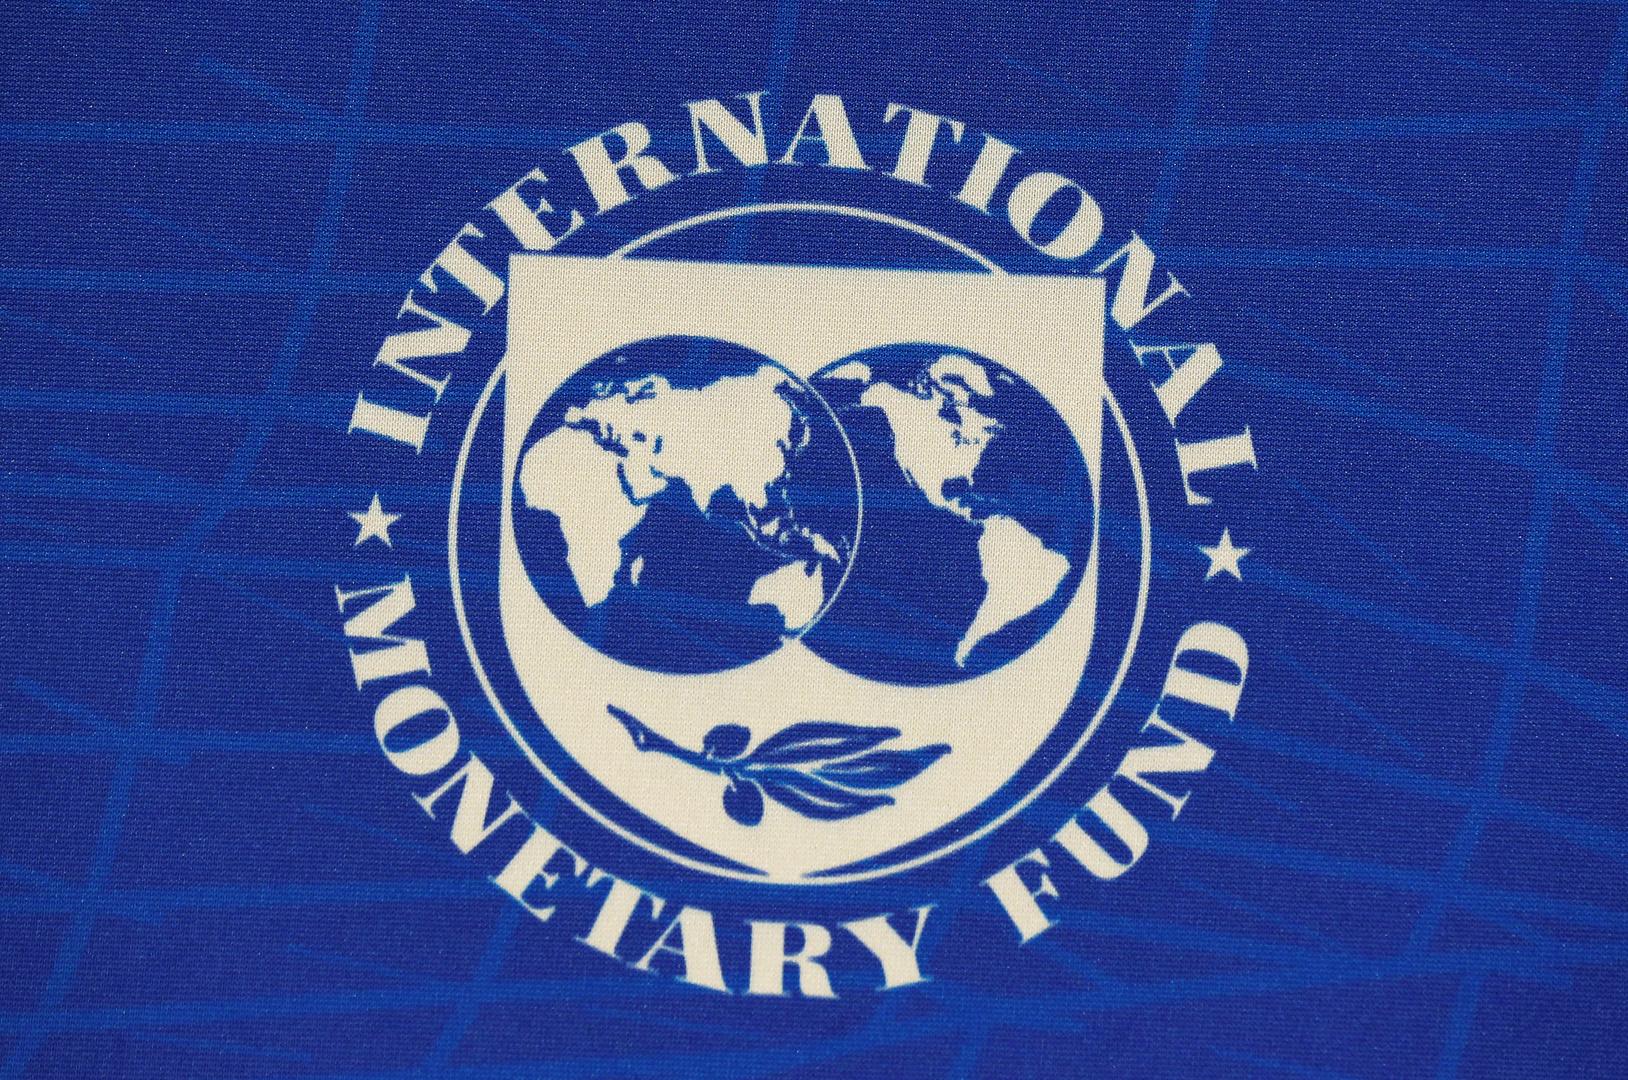 صندوق النقد: العراق يطلب مساعدة طارئة والمحادثات جارية في هذا الإطار